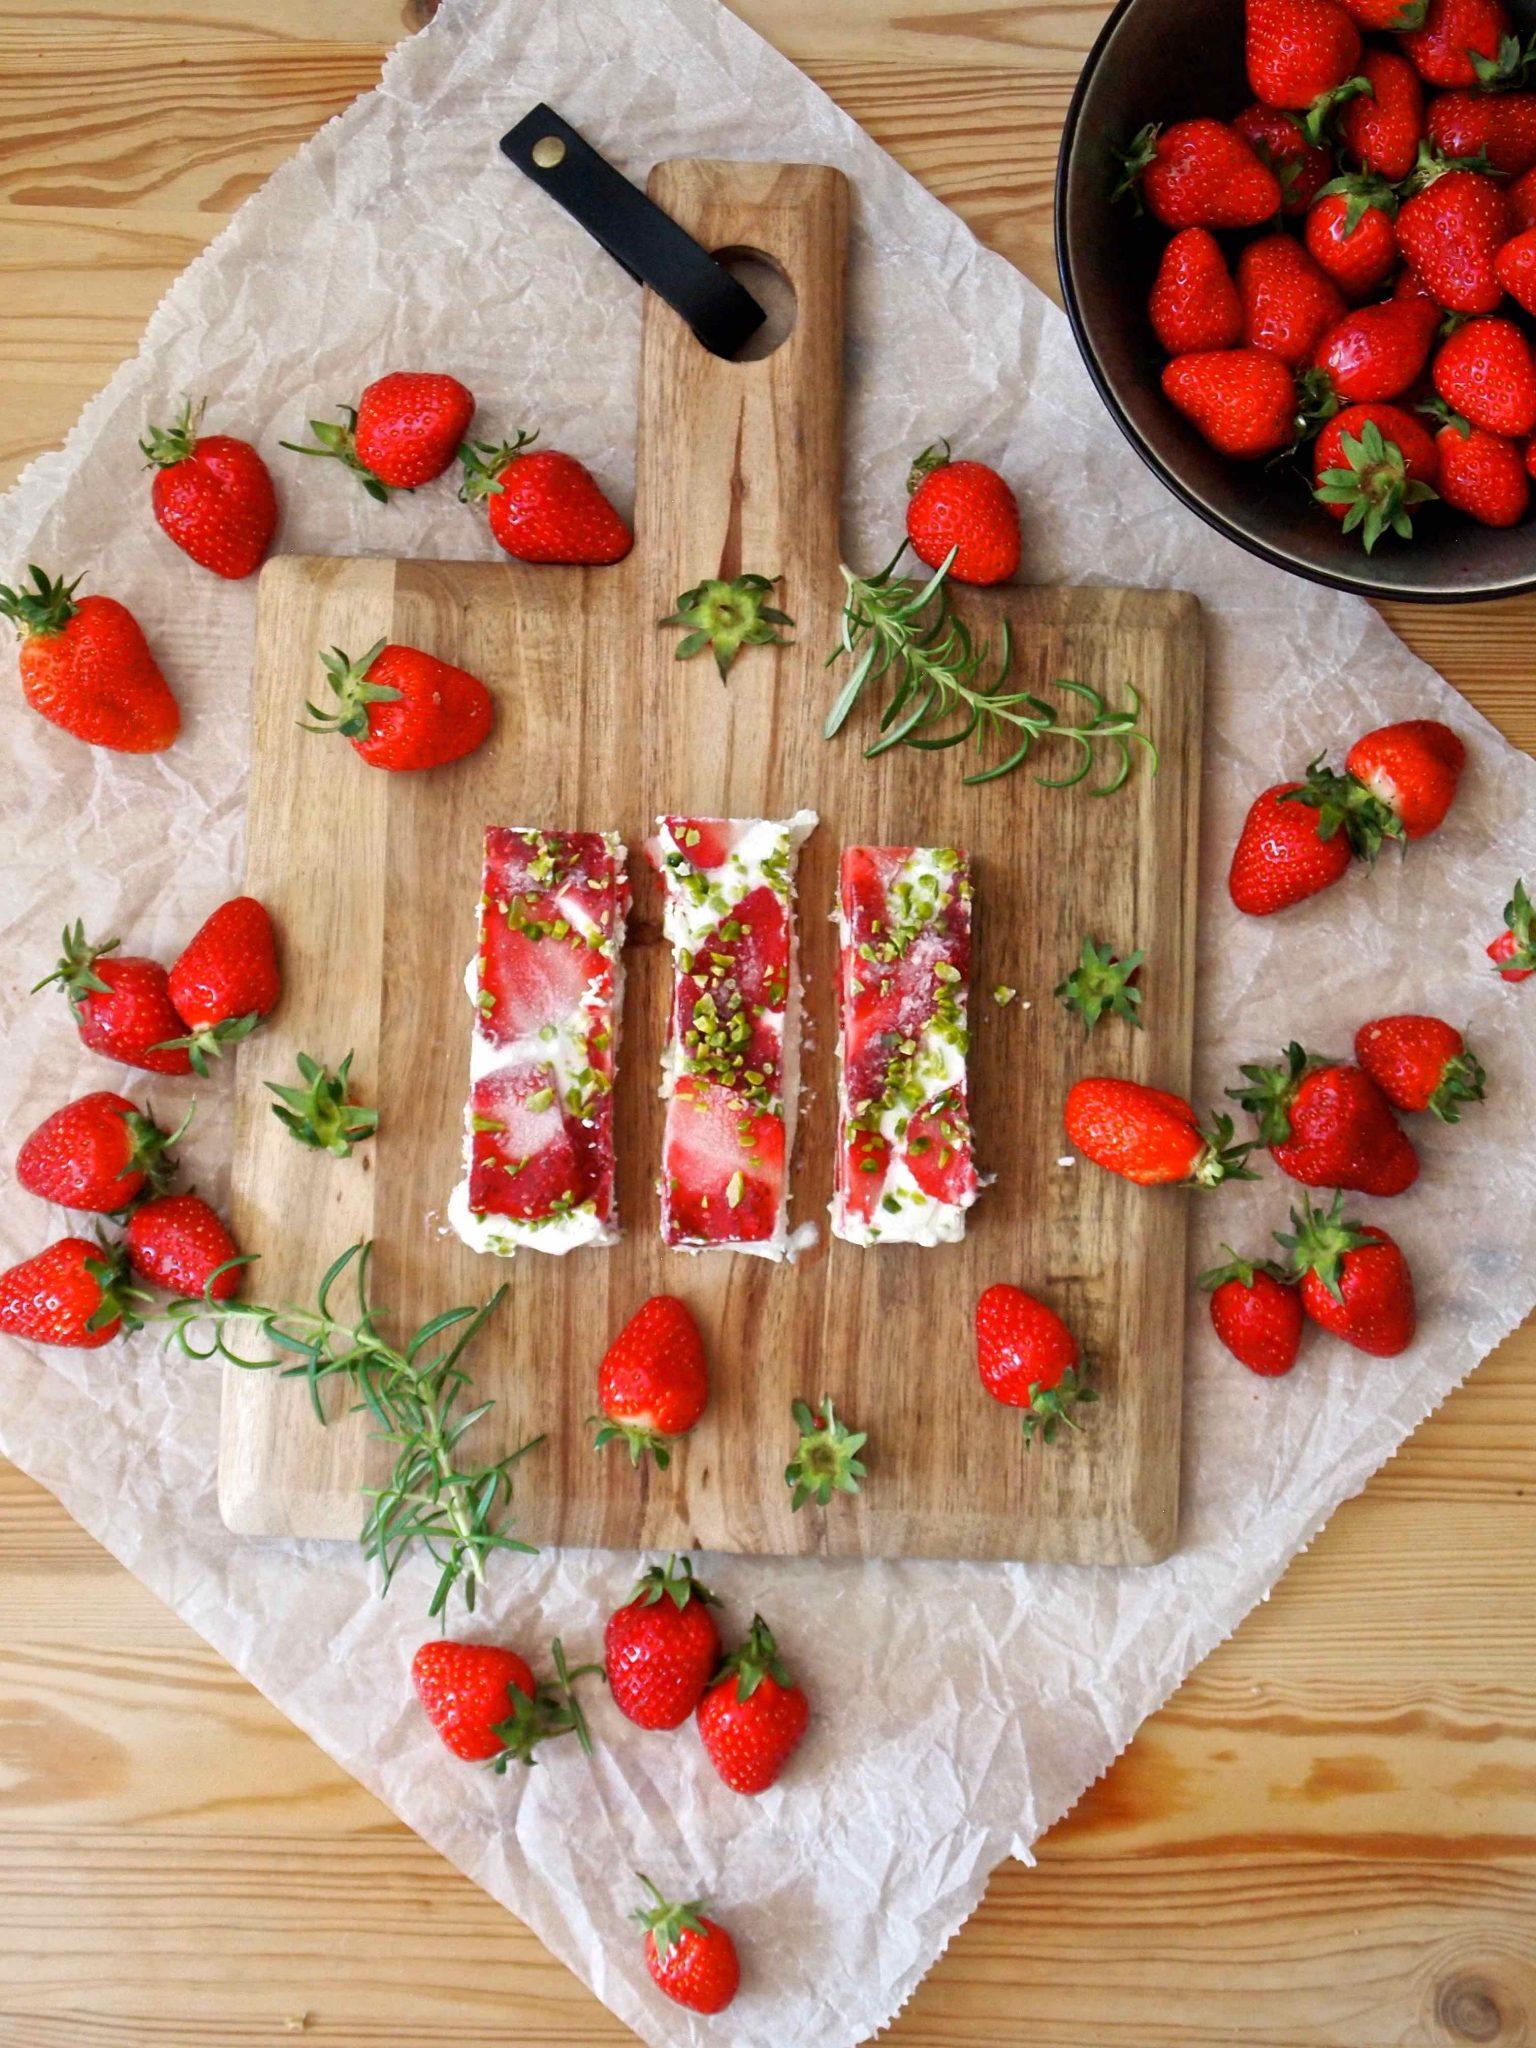 FroYo Erdbeer-Kokos-Riegel mit Erdbeer-Chia-Swirl